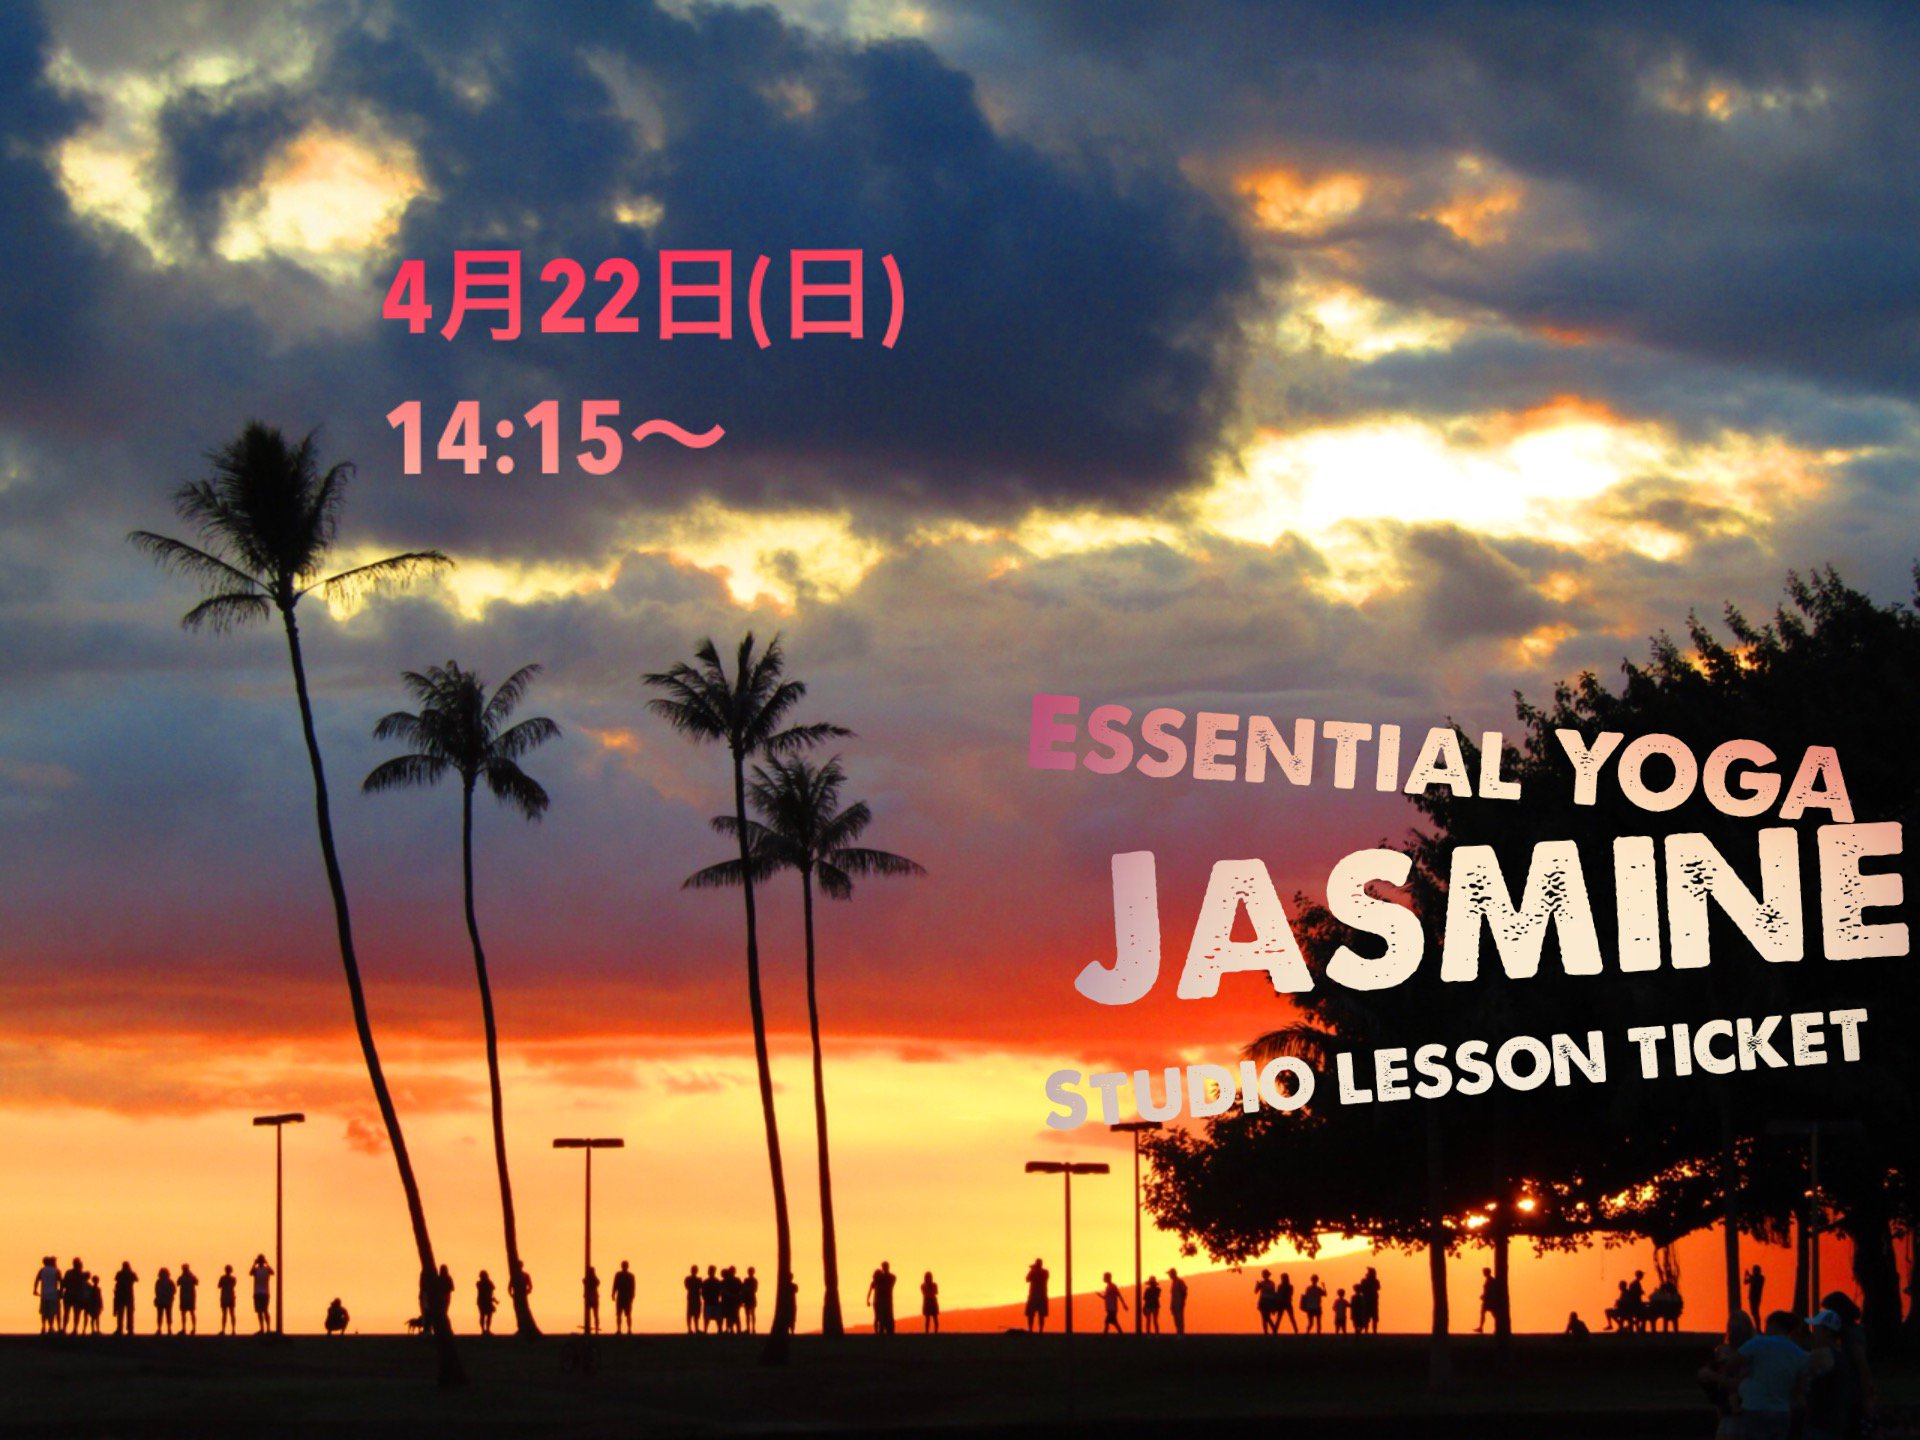 【ビジター】4月22日(日)エッセンシャルヨガ・スタジオレッスンのイメージその1